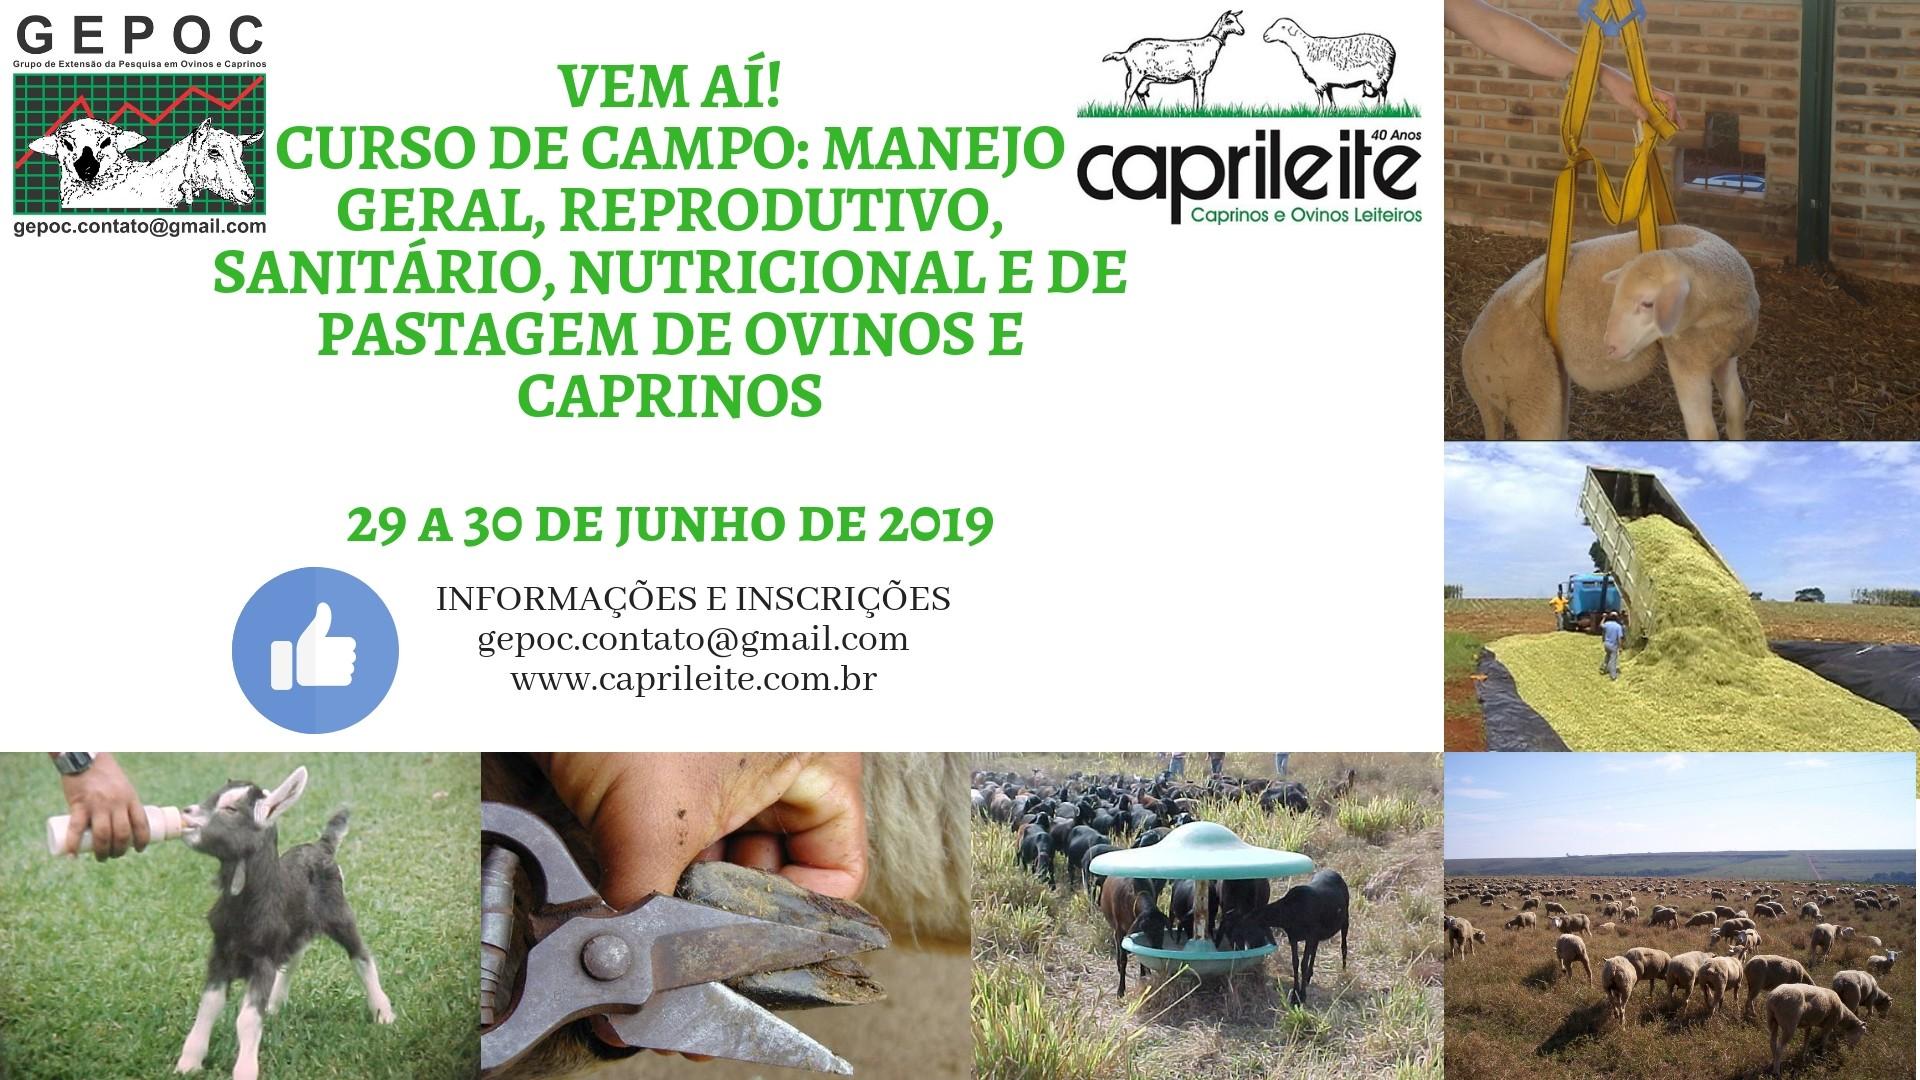 CURSO NO CAMPOMANEJO GERALREPRODUTIVOSANITÁRIONUTRICIONAL E DE PASTAGEM DE OVINOS E CAPRINOS 29 E 30 DE JUNHO DE 2019